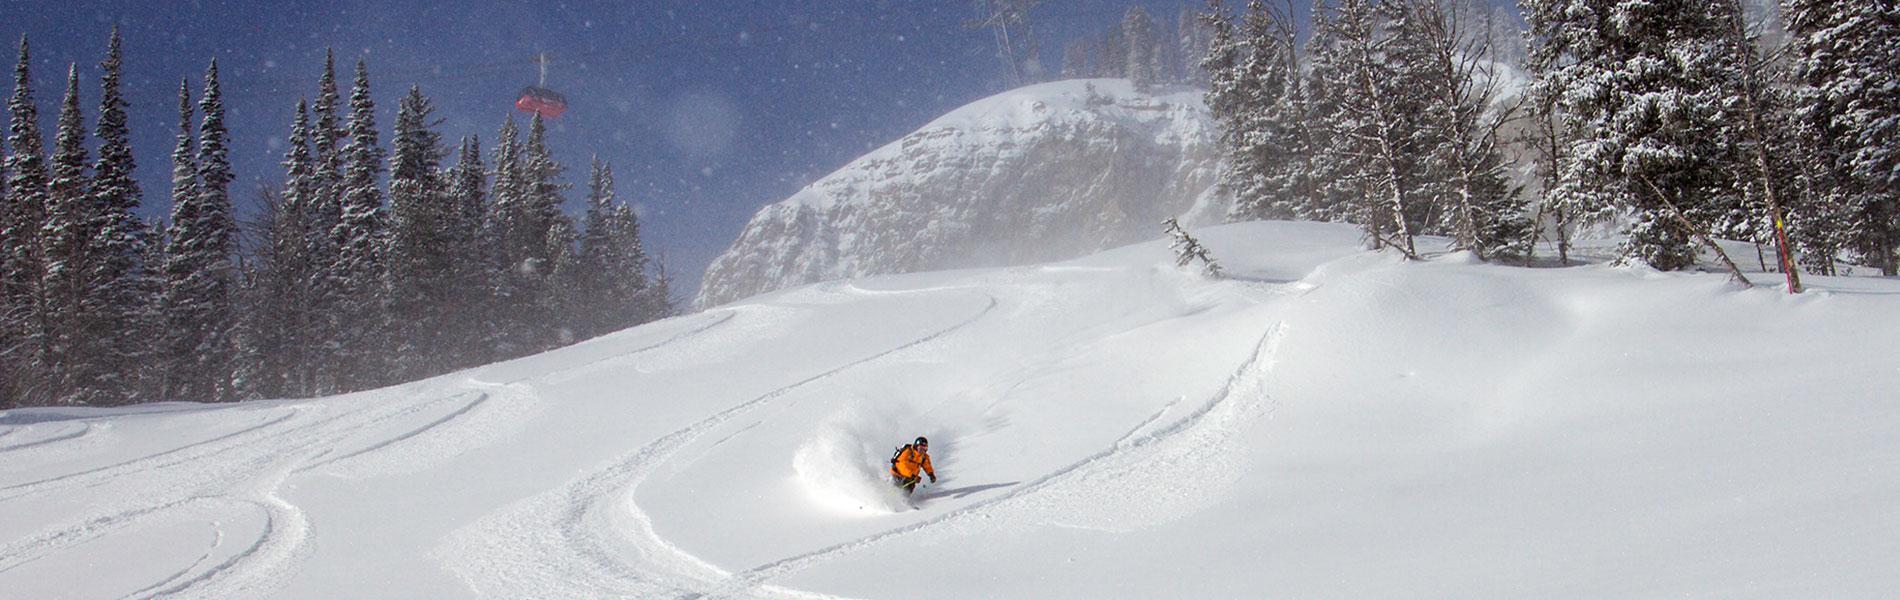 Jackson hole skier with gondola in background